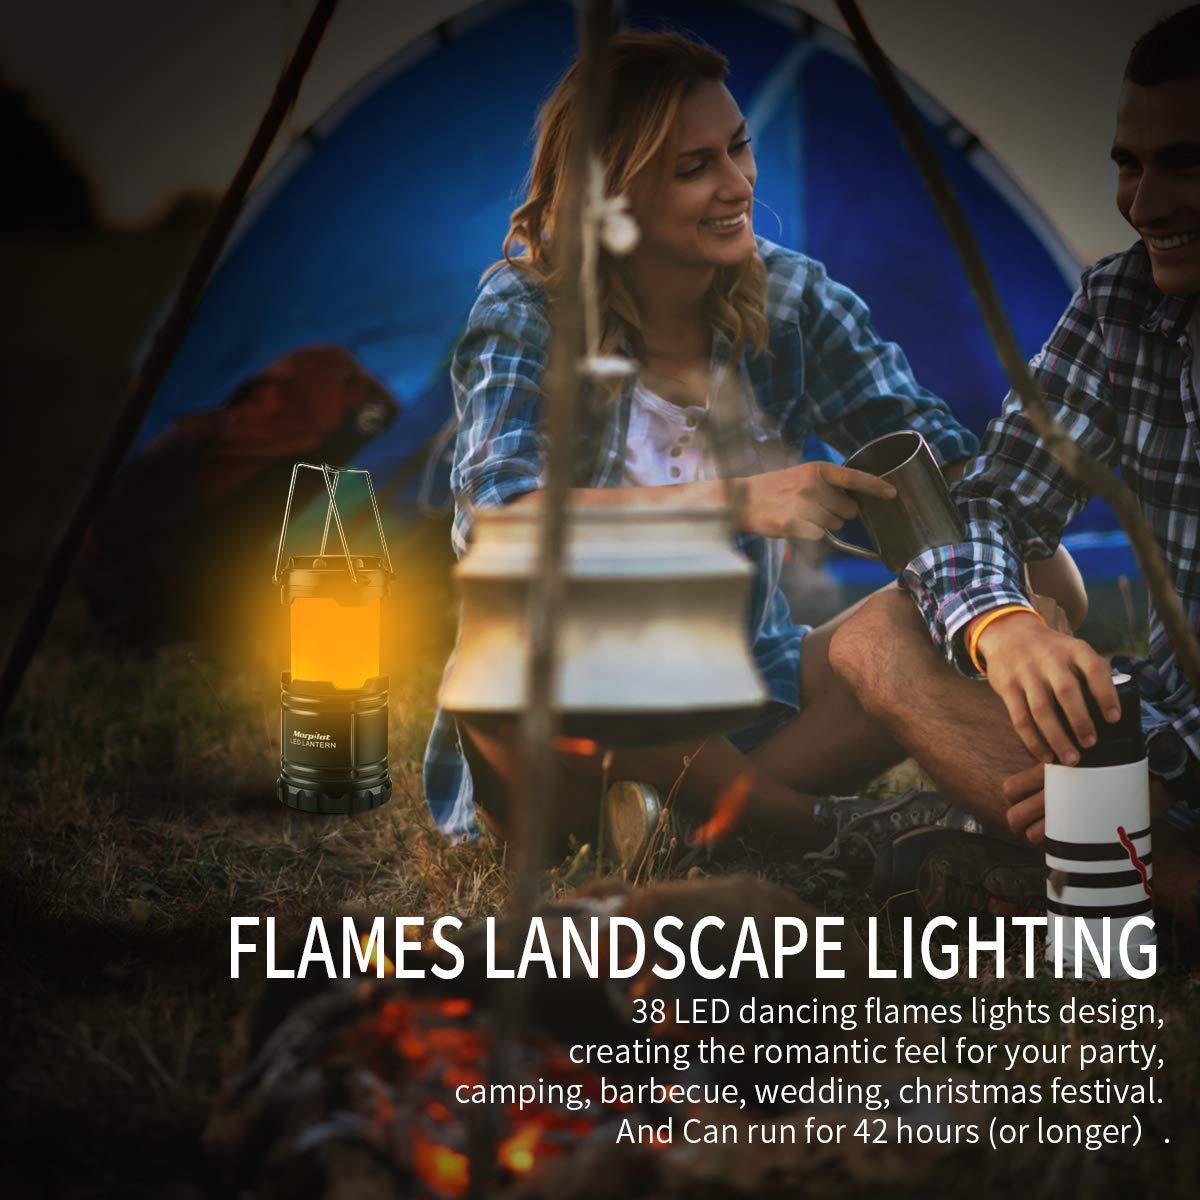 Farol de Camping, Morpilot 2 unidades Lámpara de Camping plegable Led con 2 modos iluminación Linterna Portátil exterior con Batería, Impermeable, anti-cáida para camping, aire libre